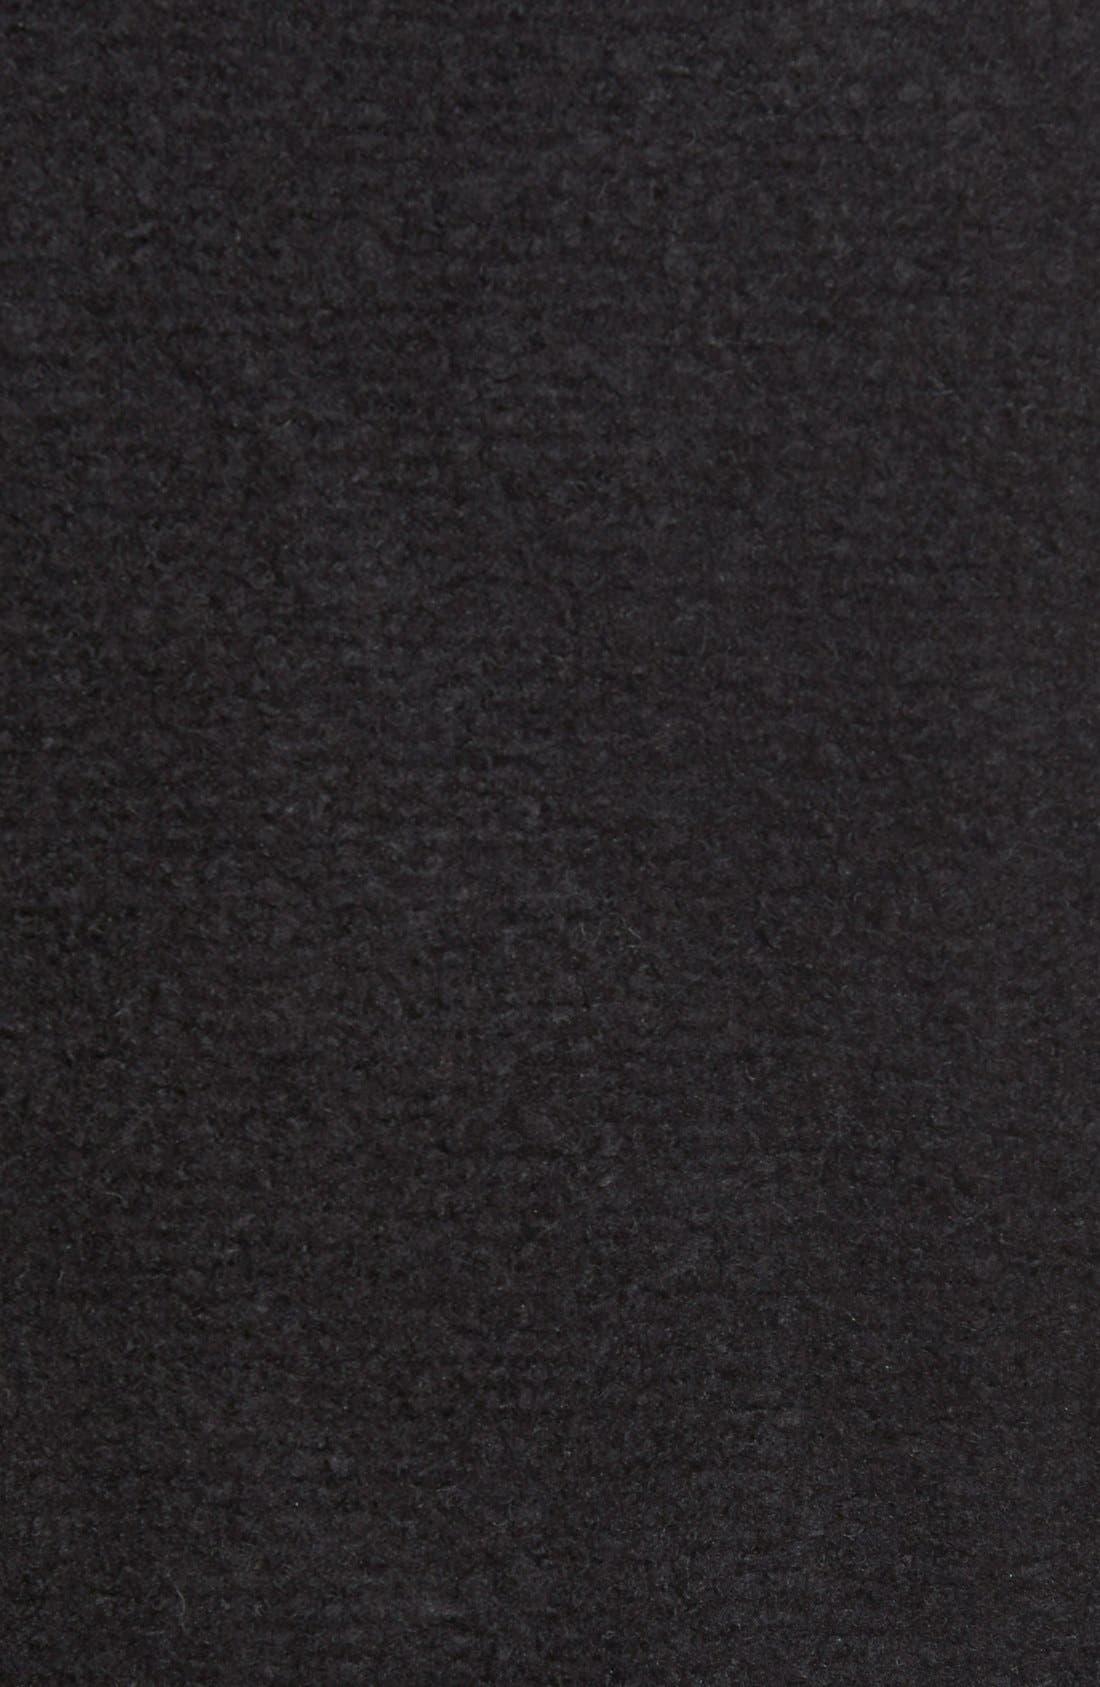 Knit Moto Jacket,                             Alternate thumbnail 9, color,                             BLACK